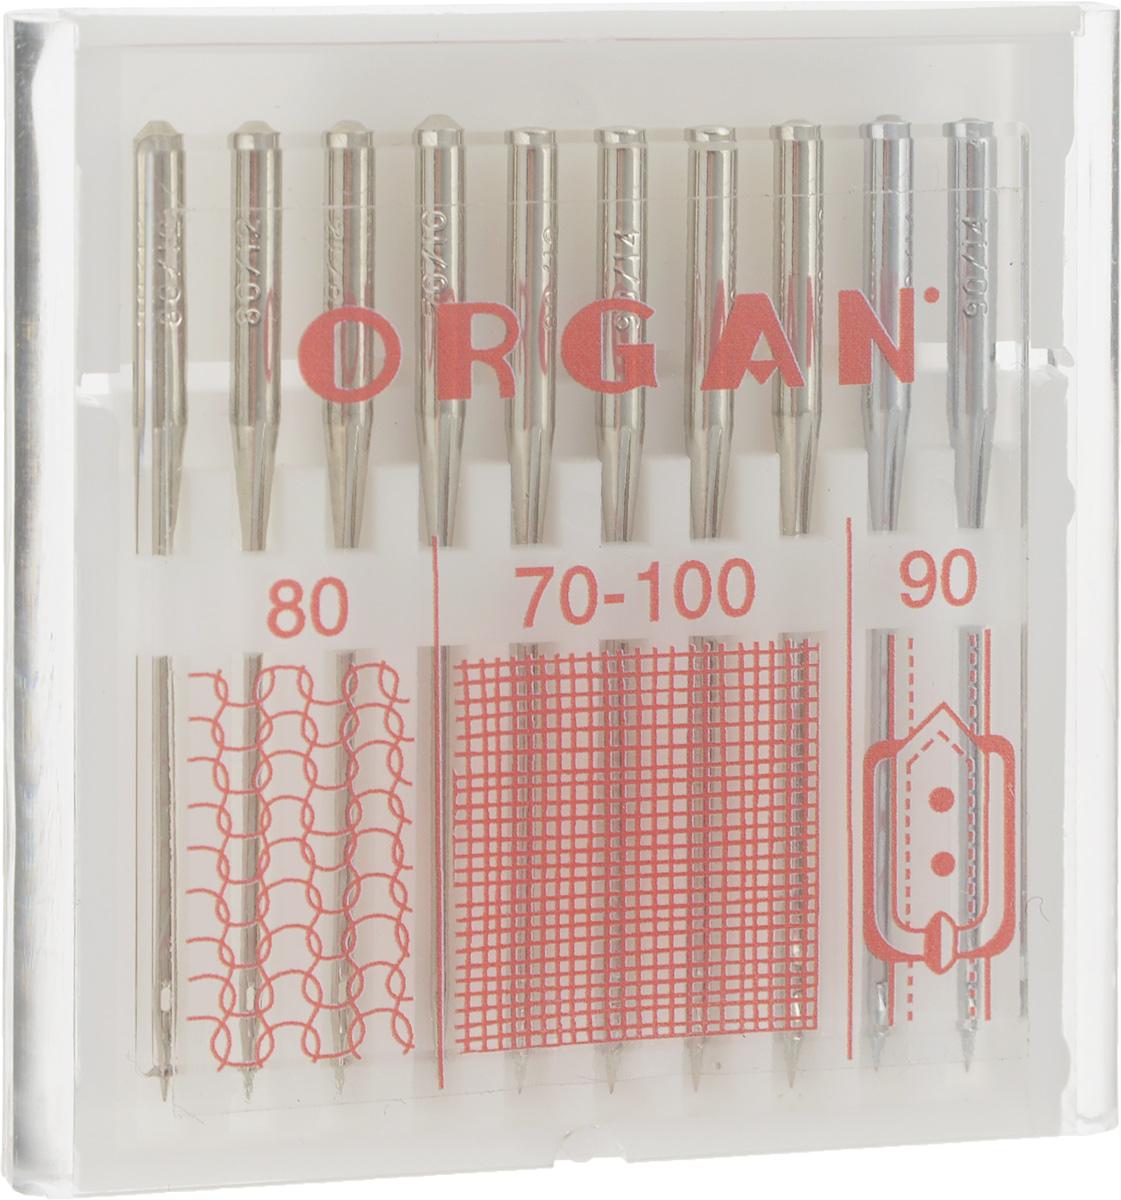 Набор игл для швейных машин Organ Combi, №80, 70-100, 90, 10 шт162356Набор Organ Combi состоит из универсальных игл, игл для джинсы и стрейч. Предназначены для использования на бытовых машинах, скорость шитья которых до 1000 ст/мин. Изделия выполнены извысококачественной стальной нелегированной проволоки. Размер игл: №80; №70-100; №90.